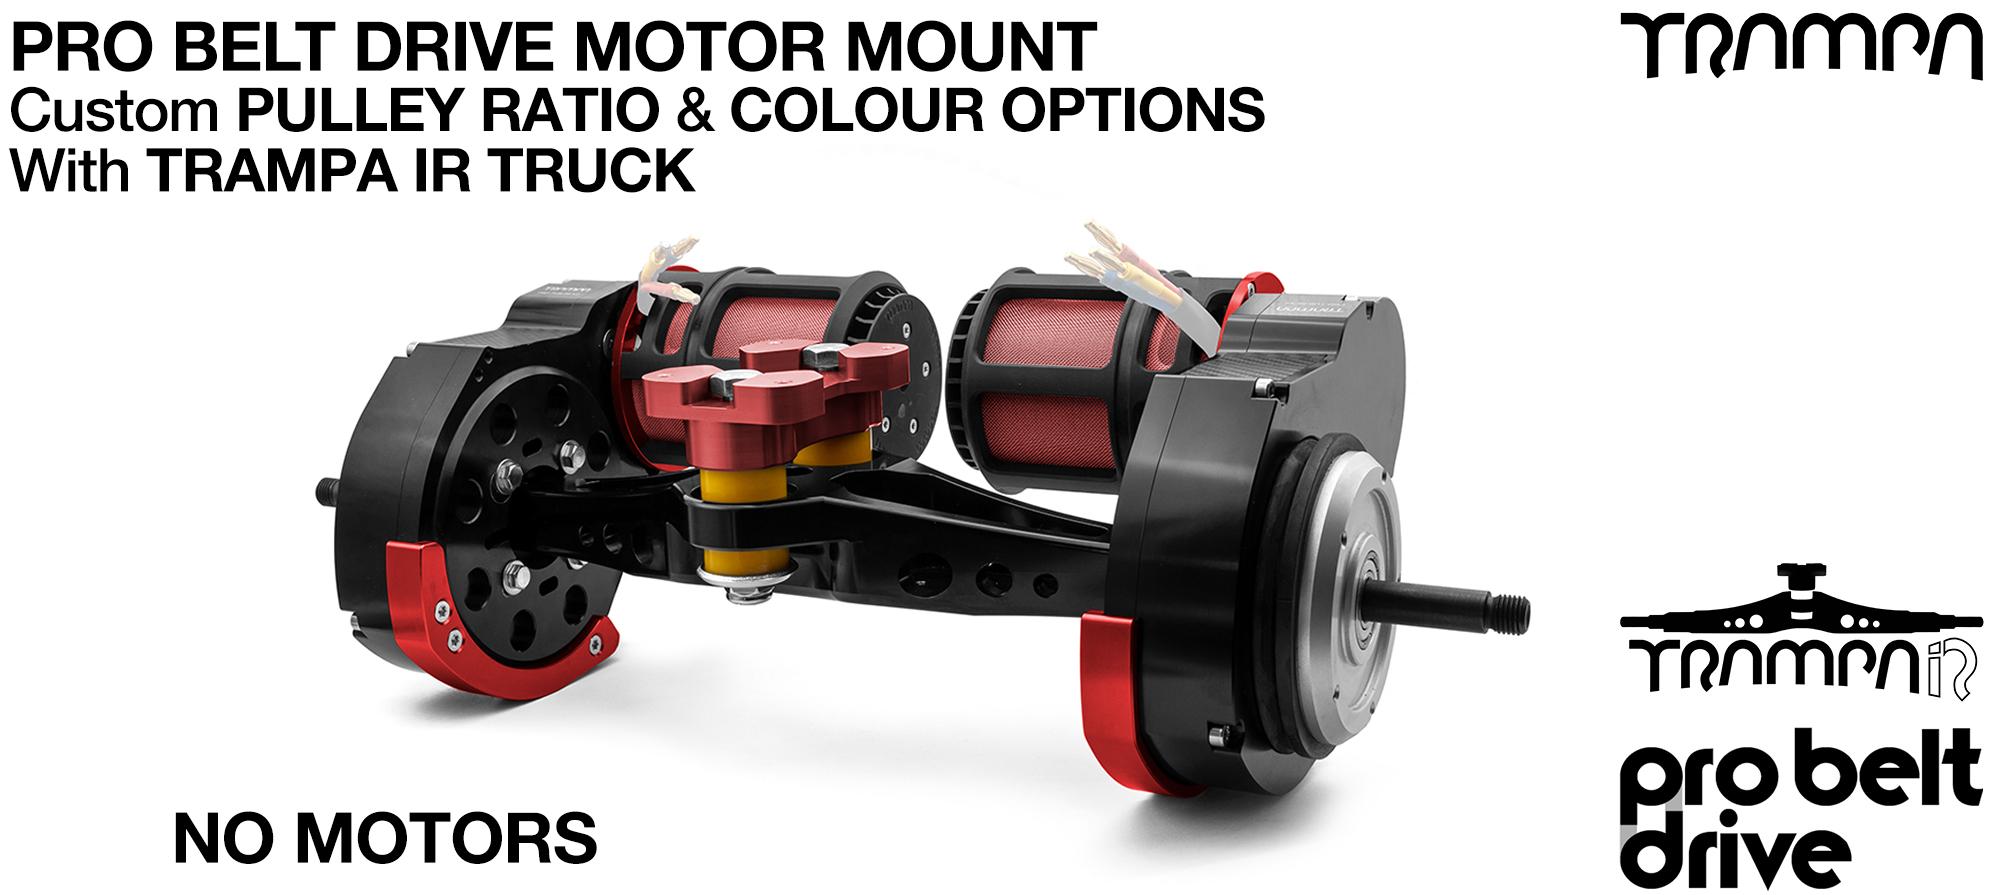 TRAMPA's 16mm  PRO Belt Drive TWIN Motor Mountainboard & TRAMPA IR TRUCK - NO MOTORS (COPY)